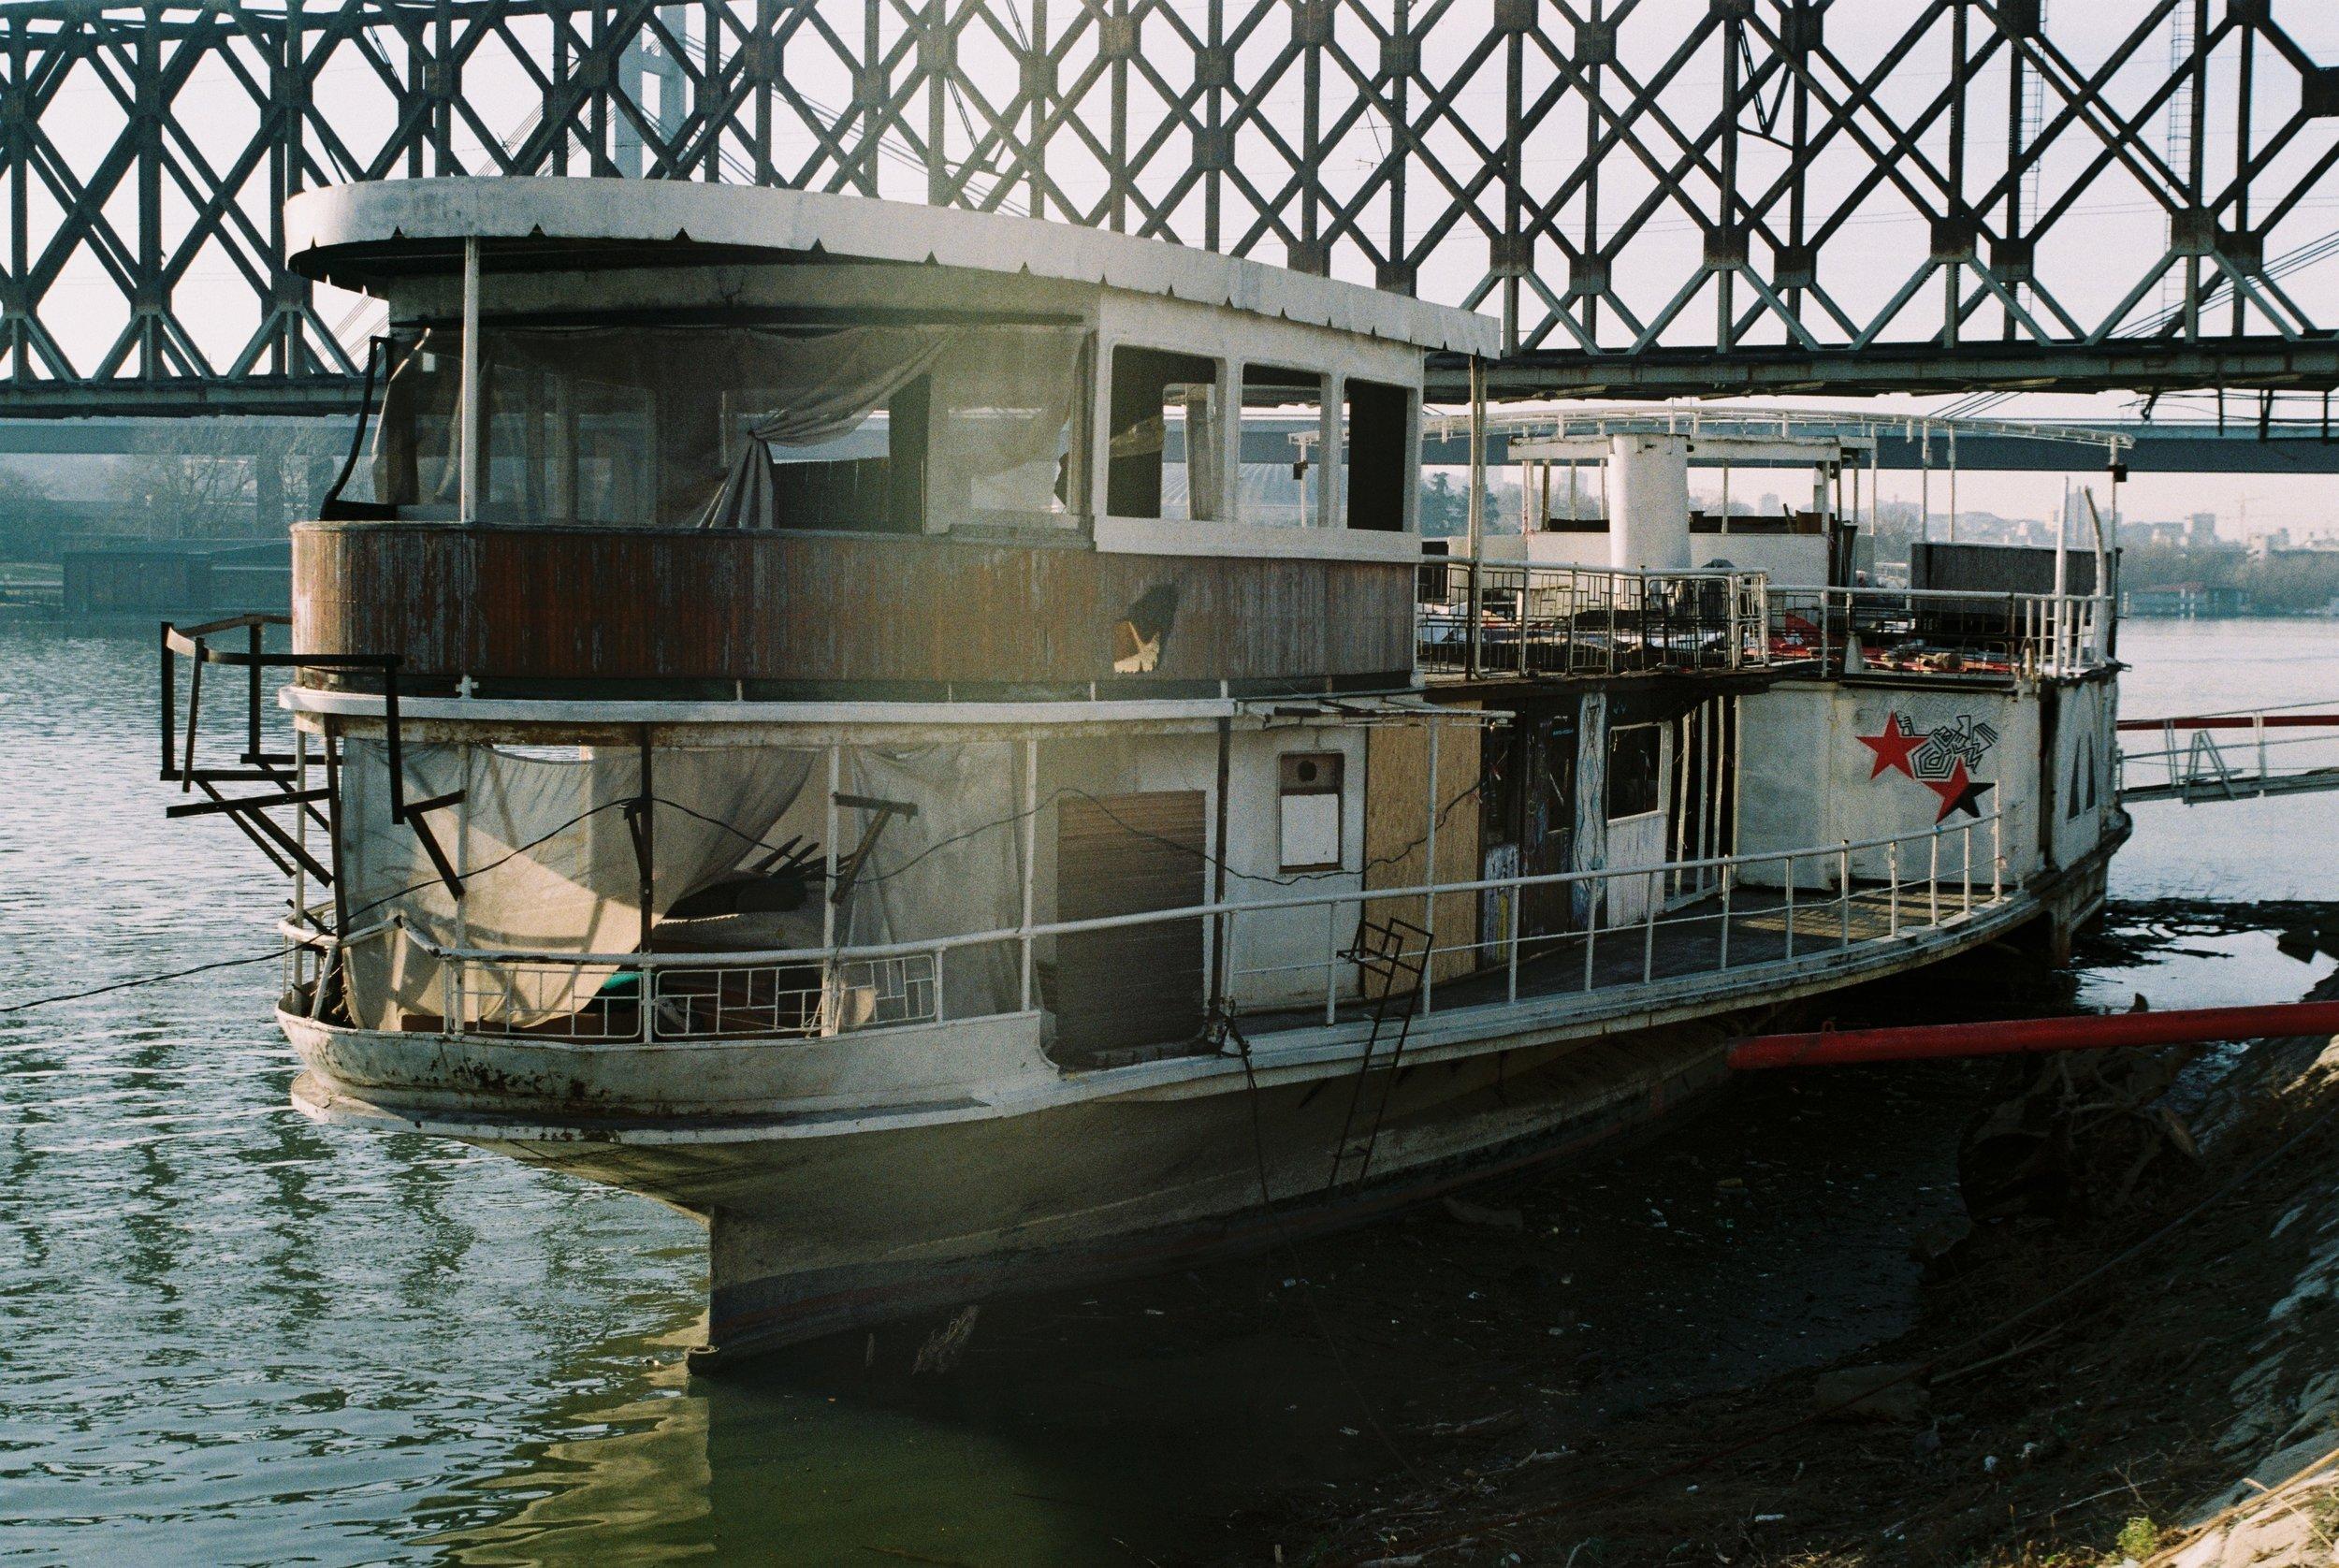 Abandoned Boat - December, 2018